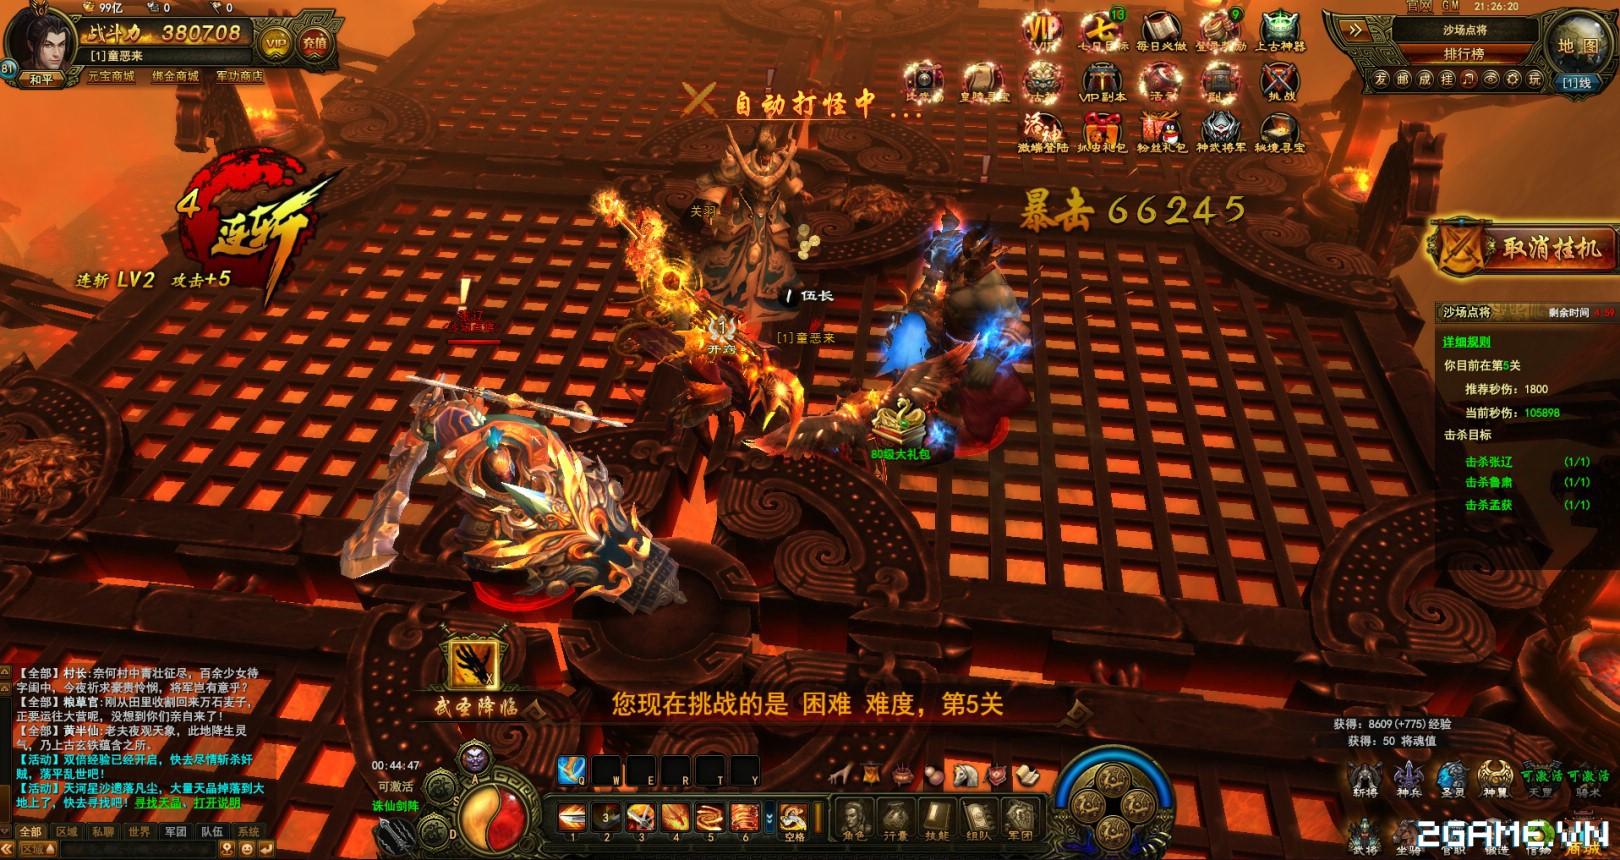 Cùng luận Tam Quốc hóng game hot Chiến Thần Tam Quốc đến Việt Nam 2